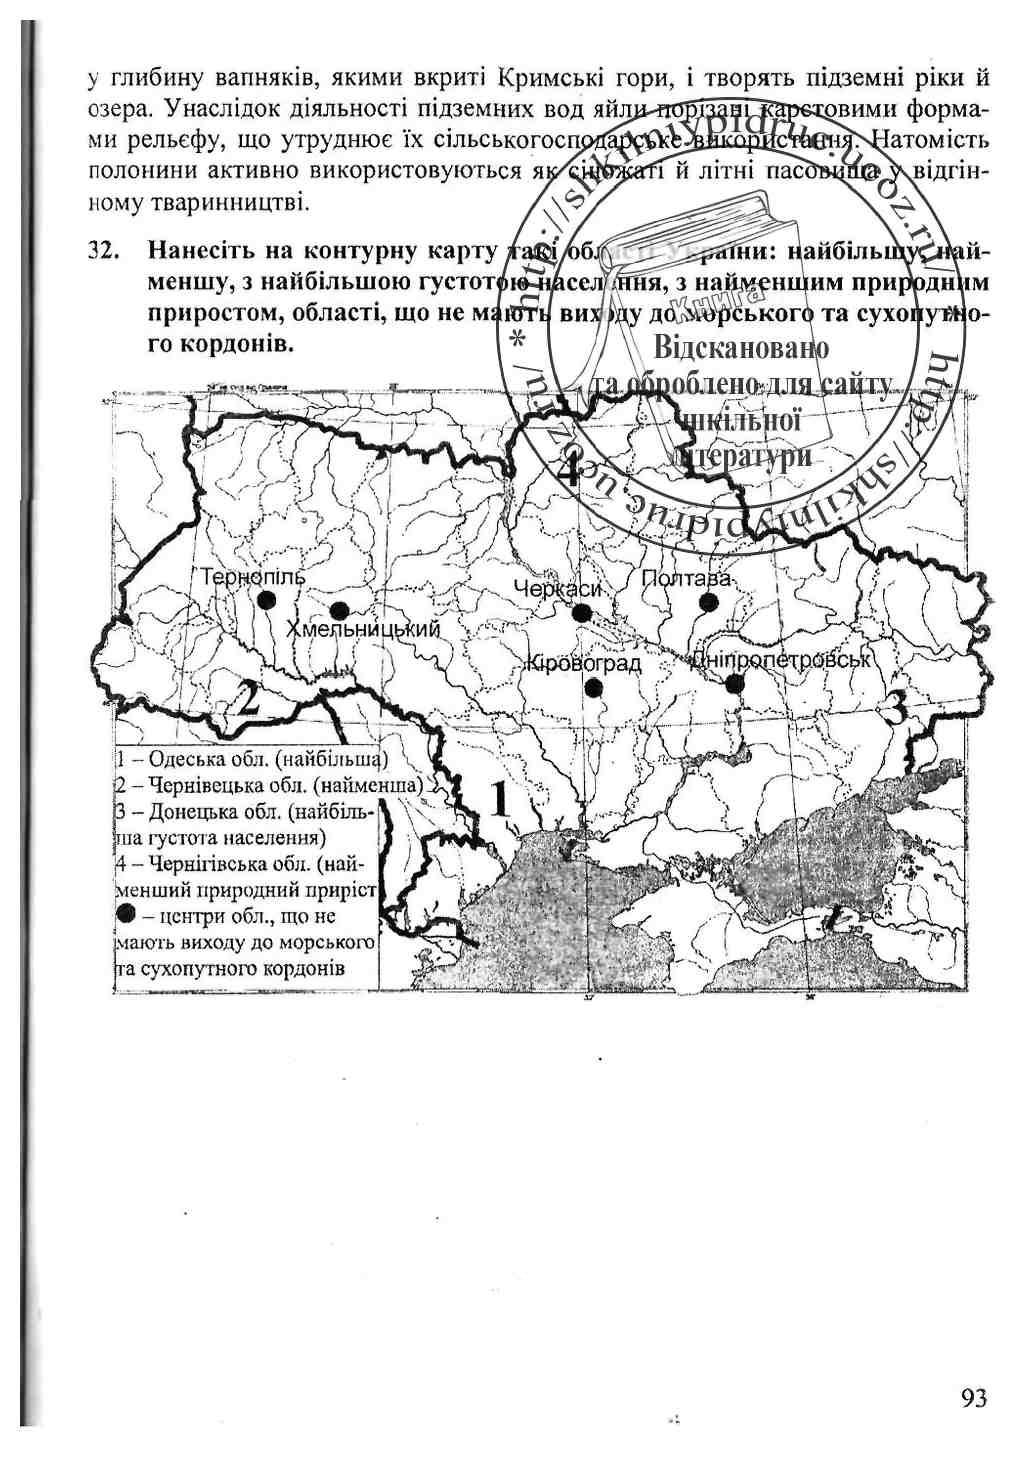 9 решебник дпа география